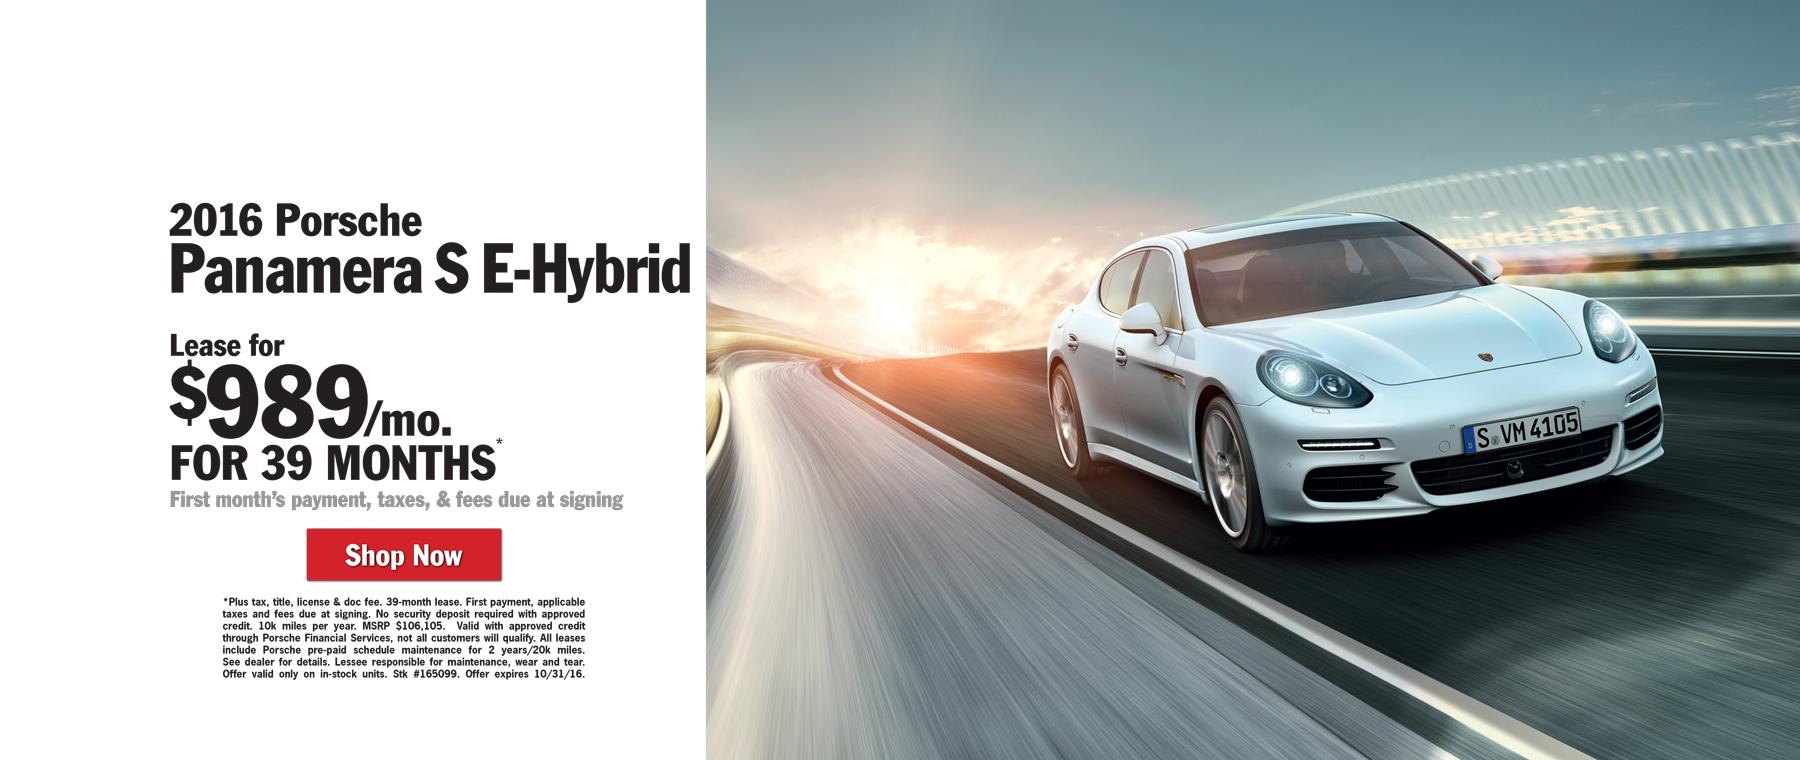 2016 Panamera S E-Hybrid Lease $989 / mo